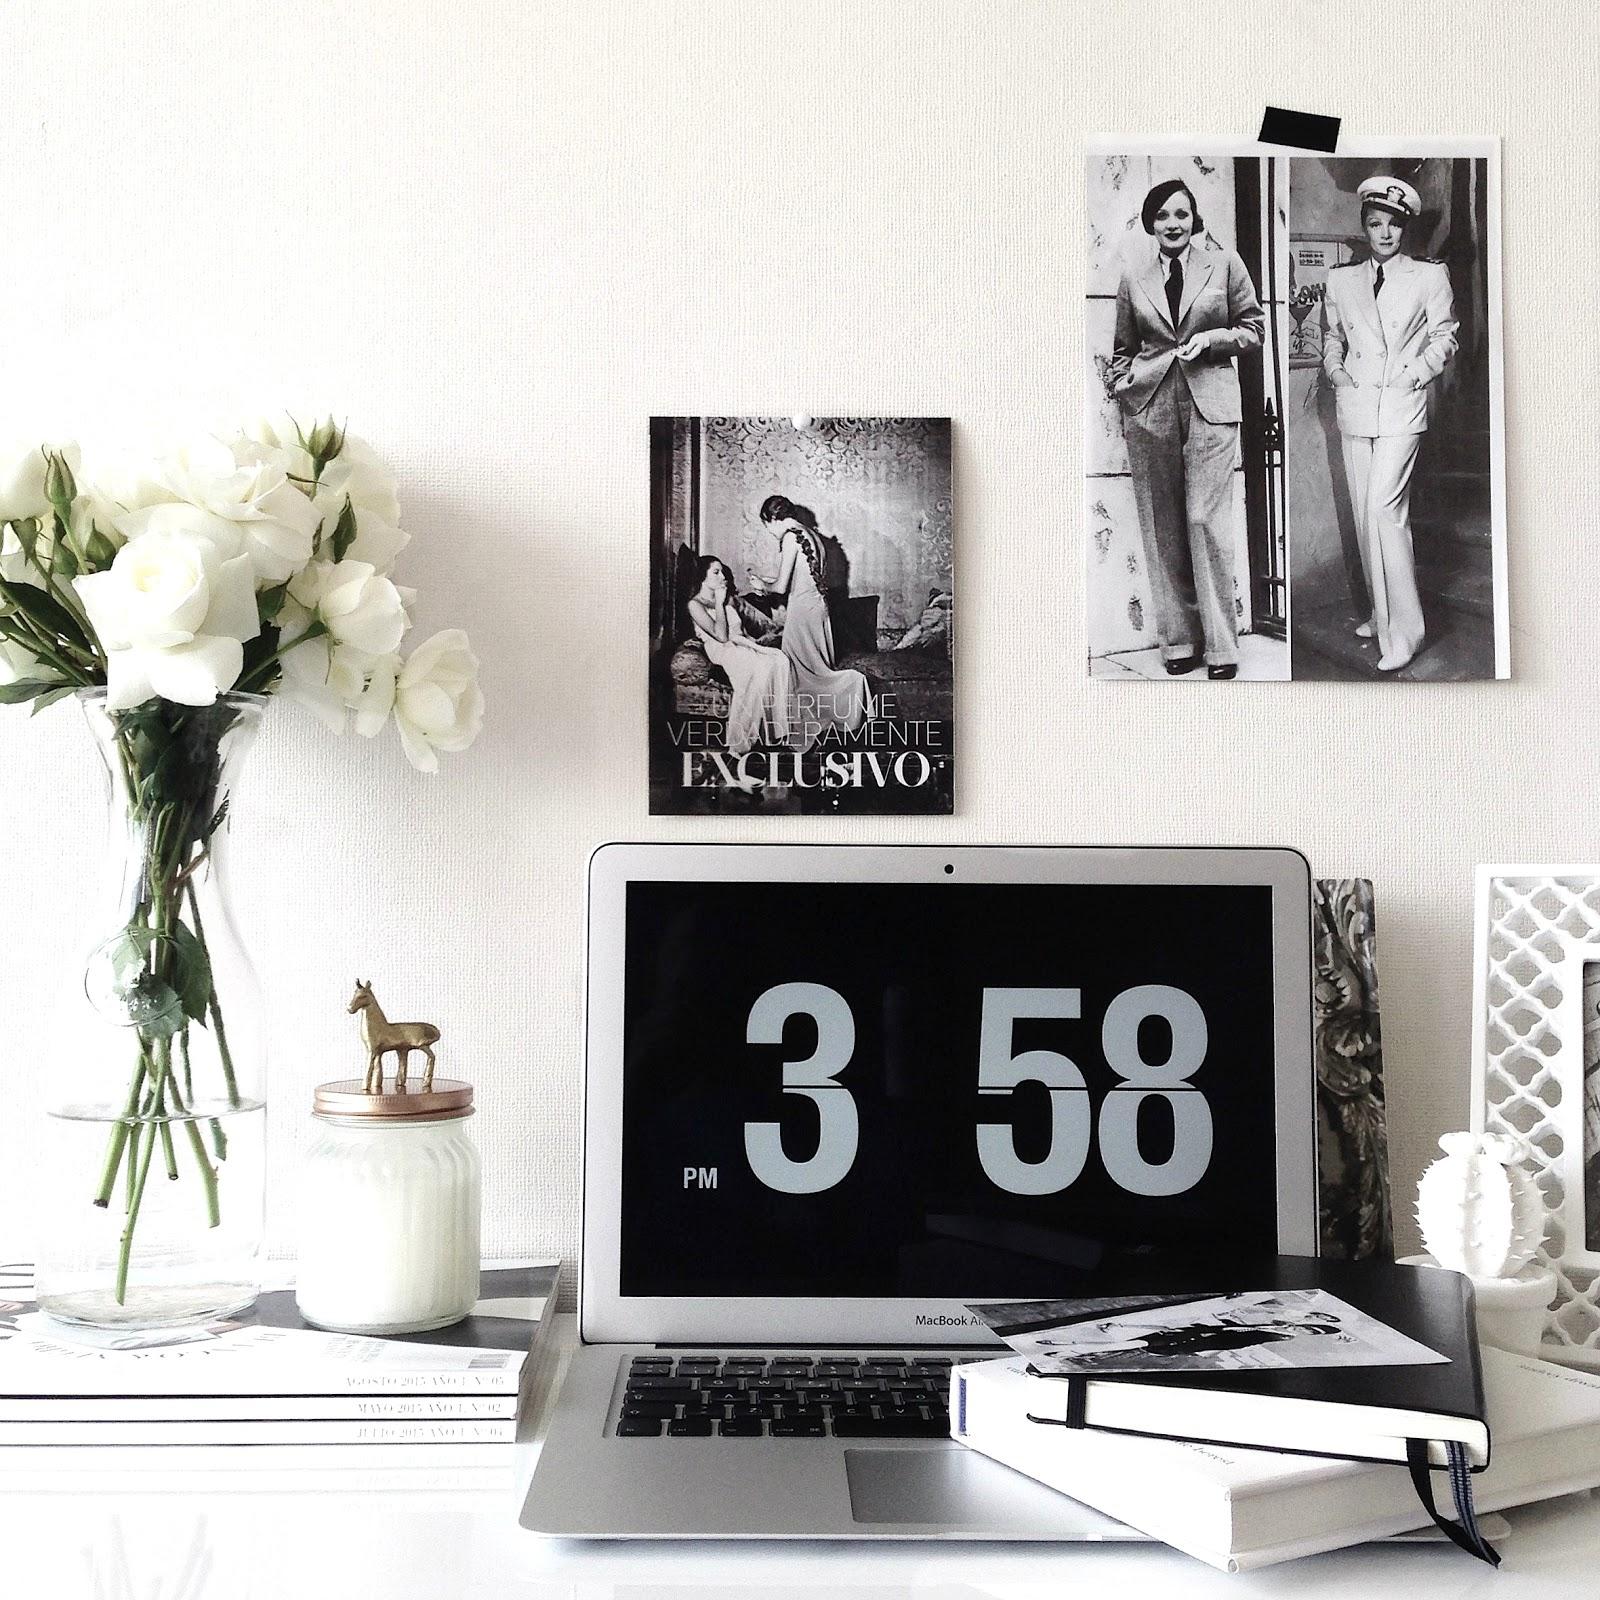 Glowcher como decoro mi escritorio o lugar de trabajo for Como decorar mi escritorio de trabajo